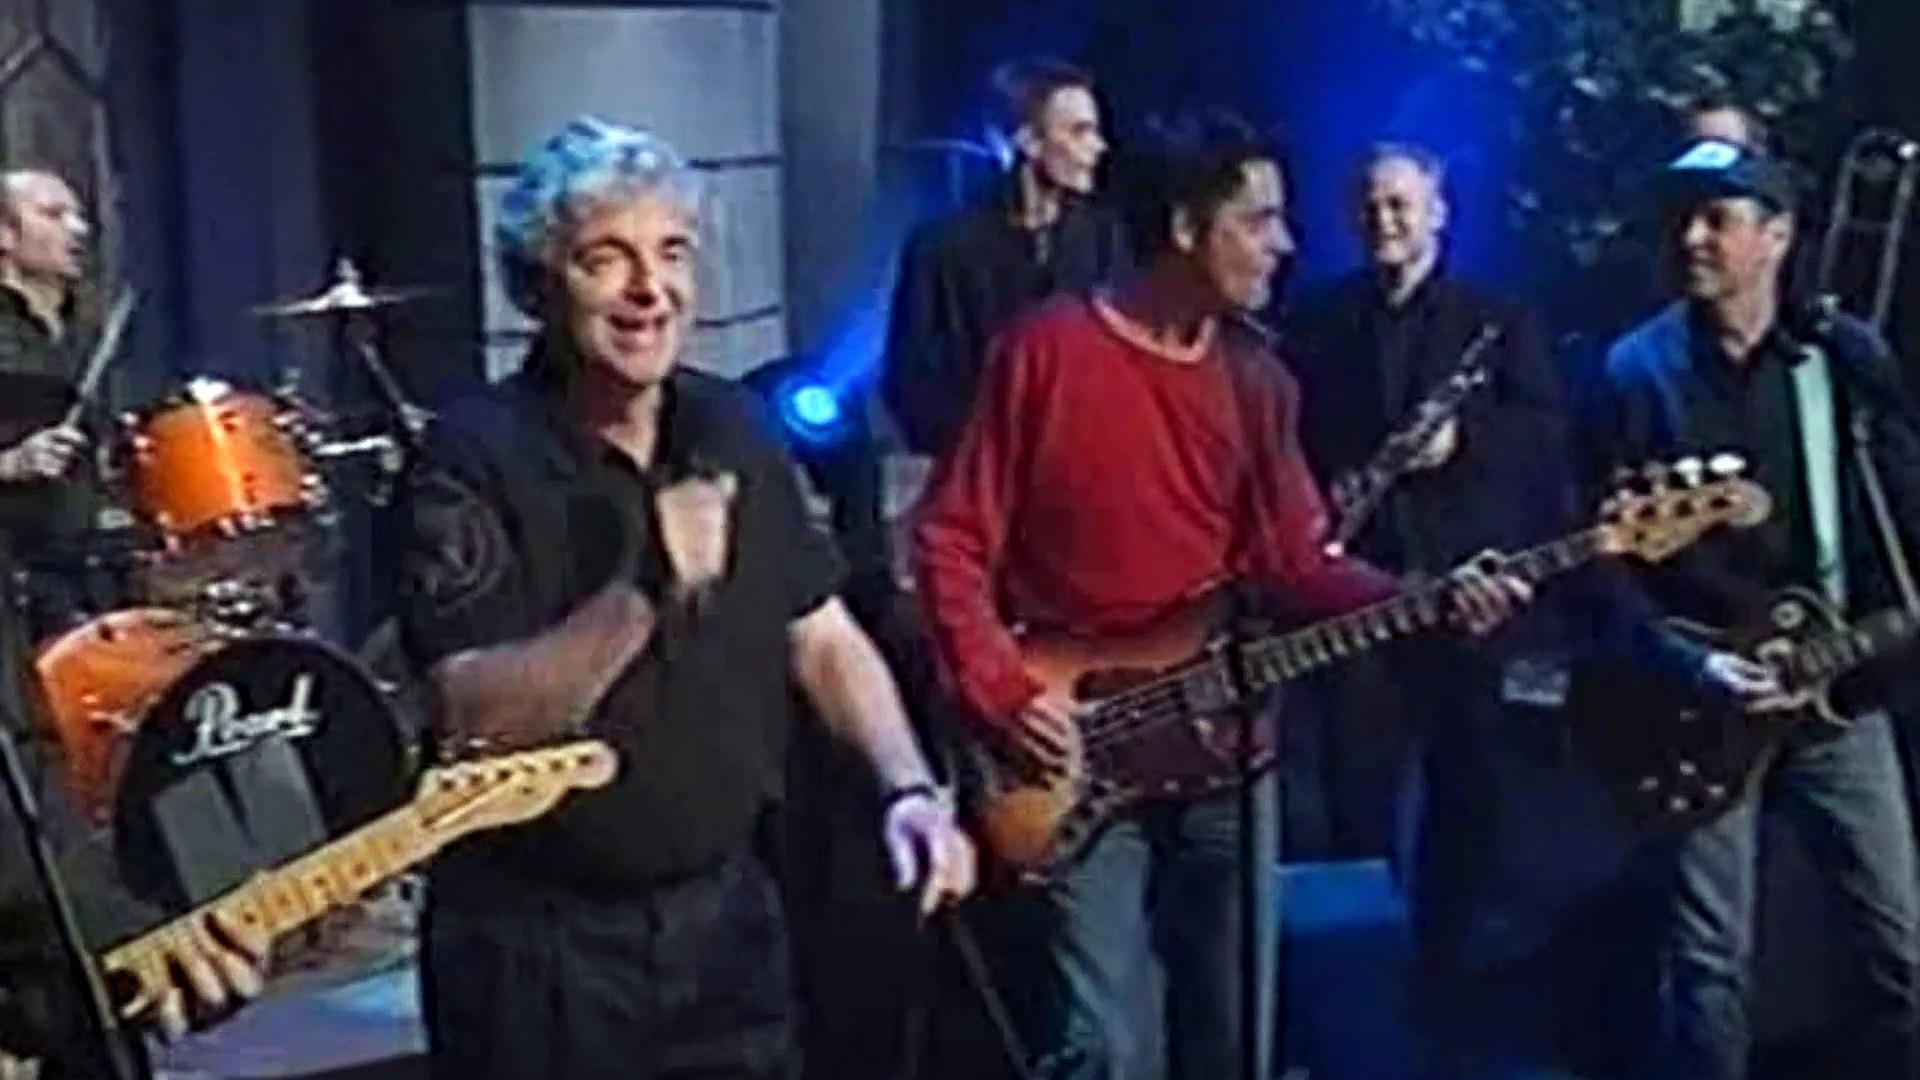 Shu-Bi-Dua - En Dans Med Dig - Musik Butikken 2000 - Fra Shu-Bi-Dua 17